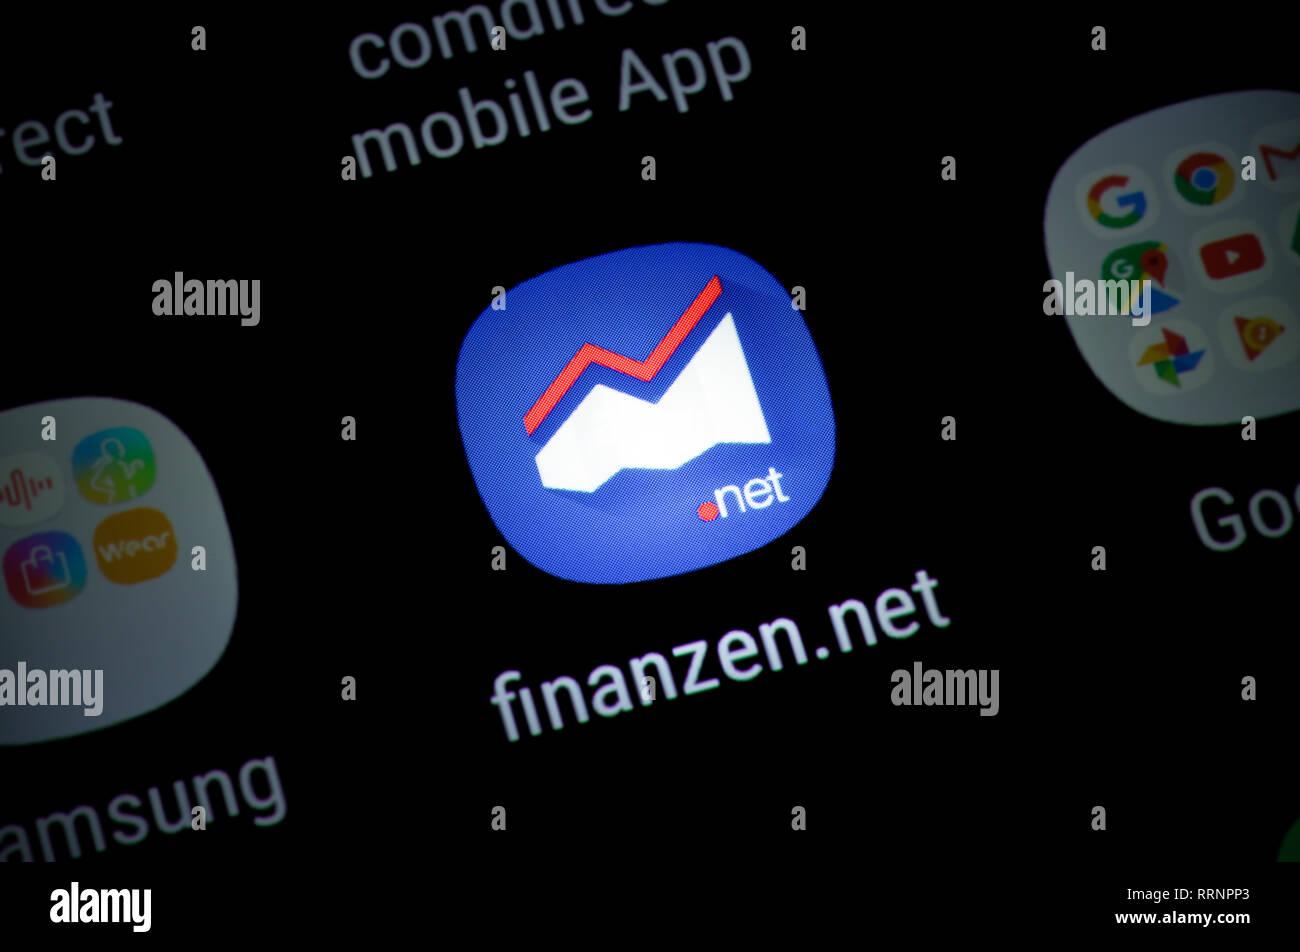 app finanzen